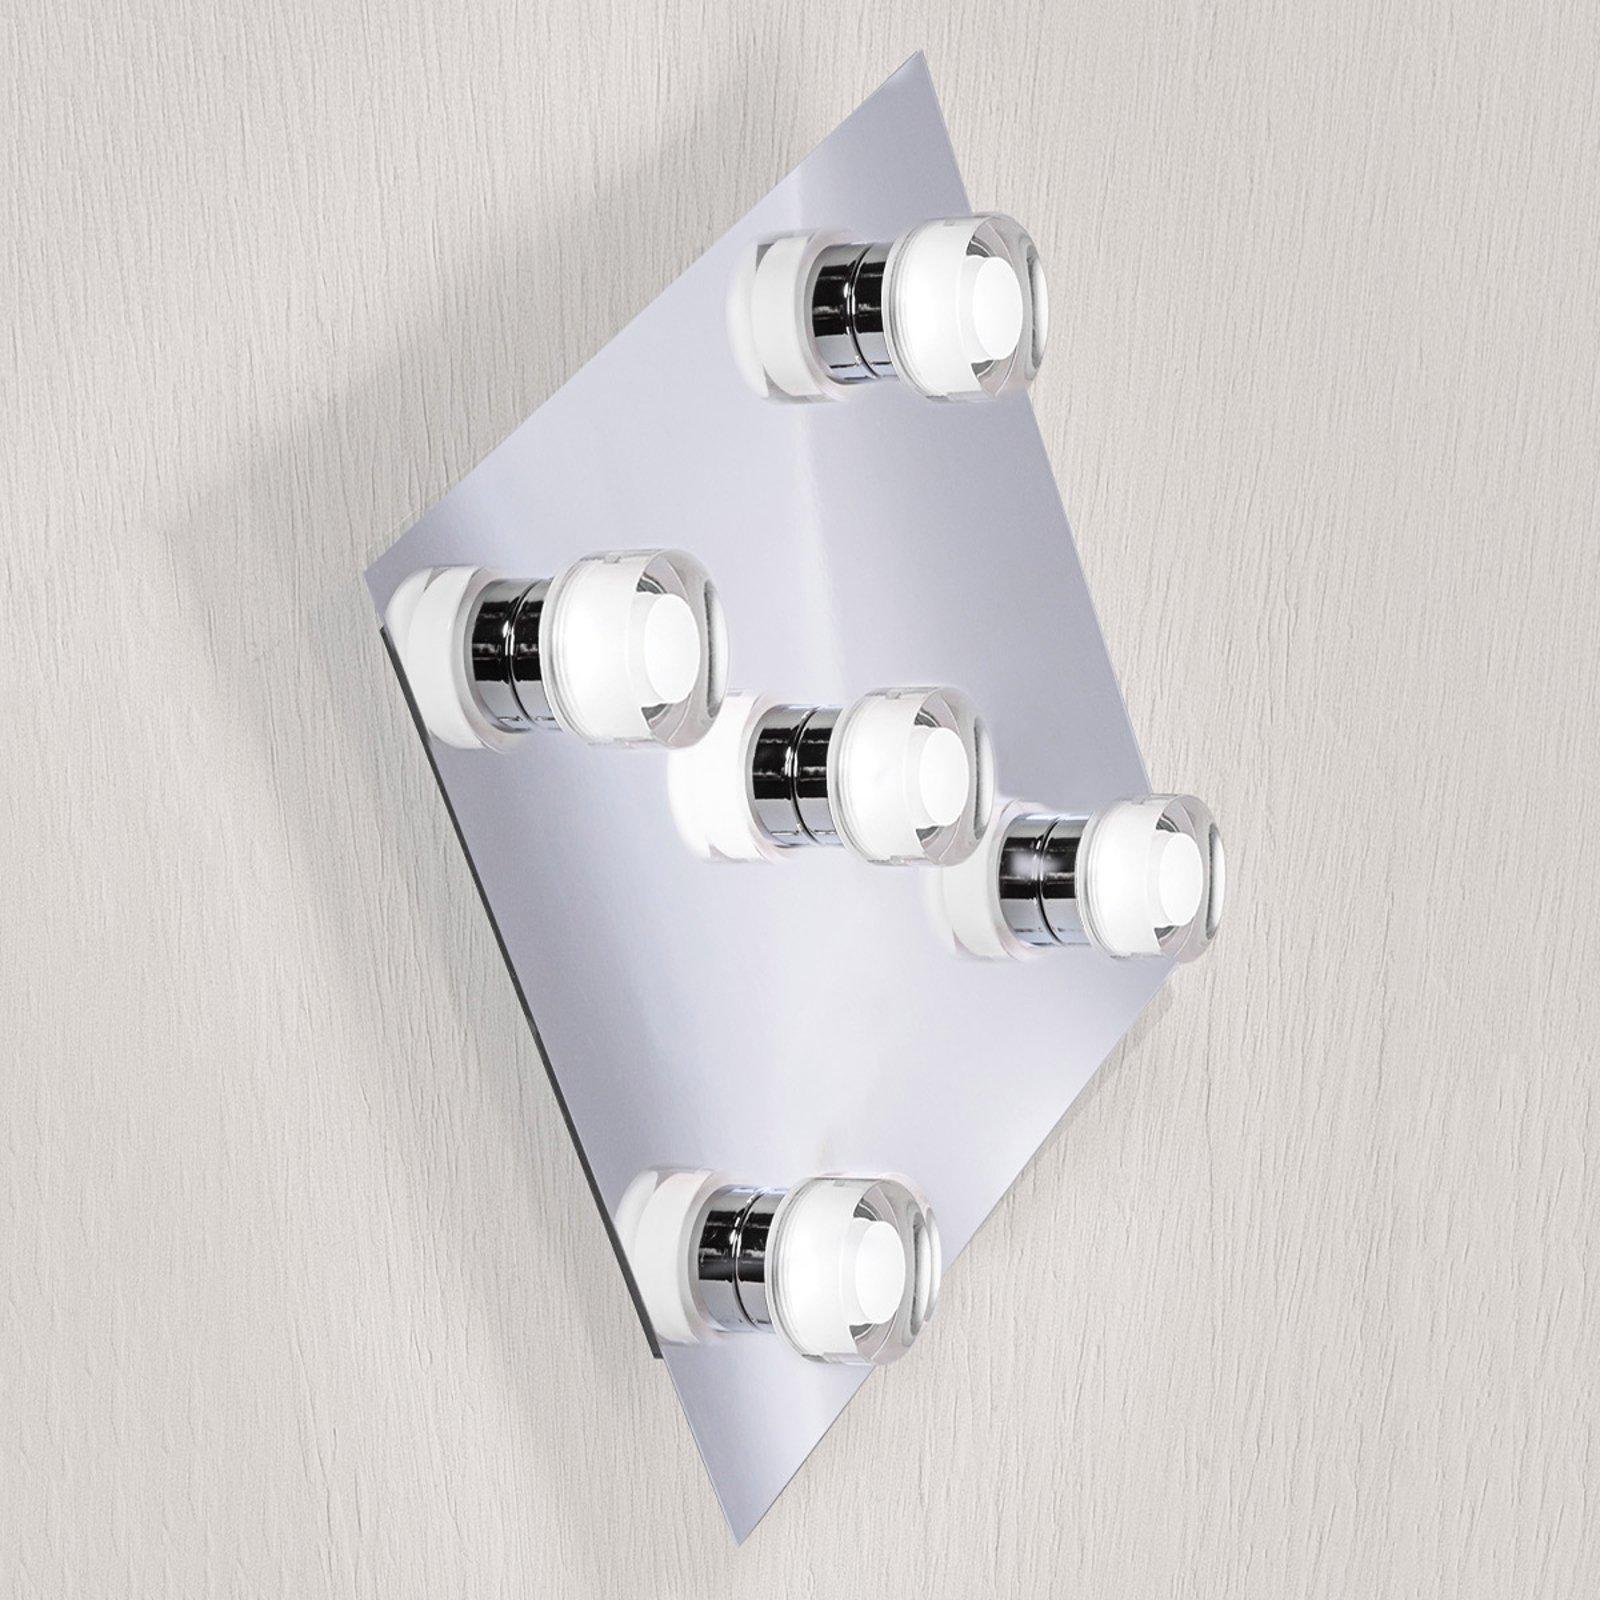 Firkantet LED-taklampe Gilian med 5 lys